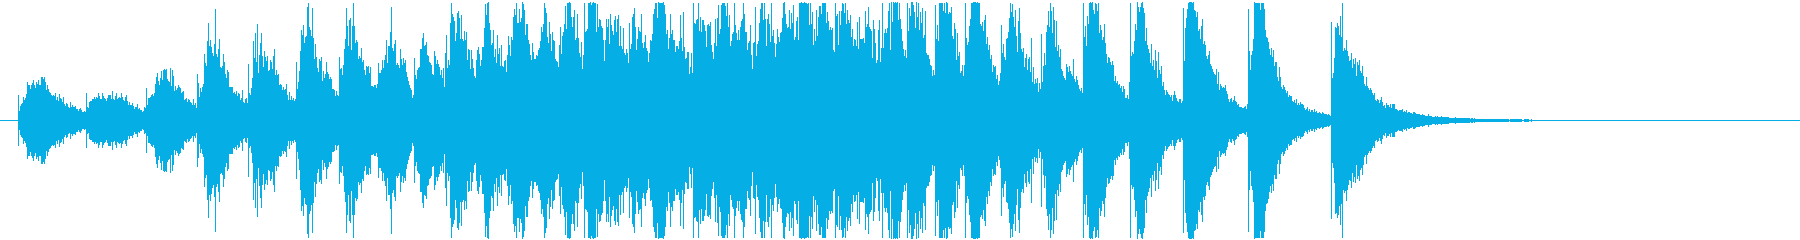 幕開き(銅鑼みたいな音)近距離の再生済みの波形